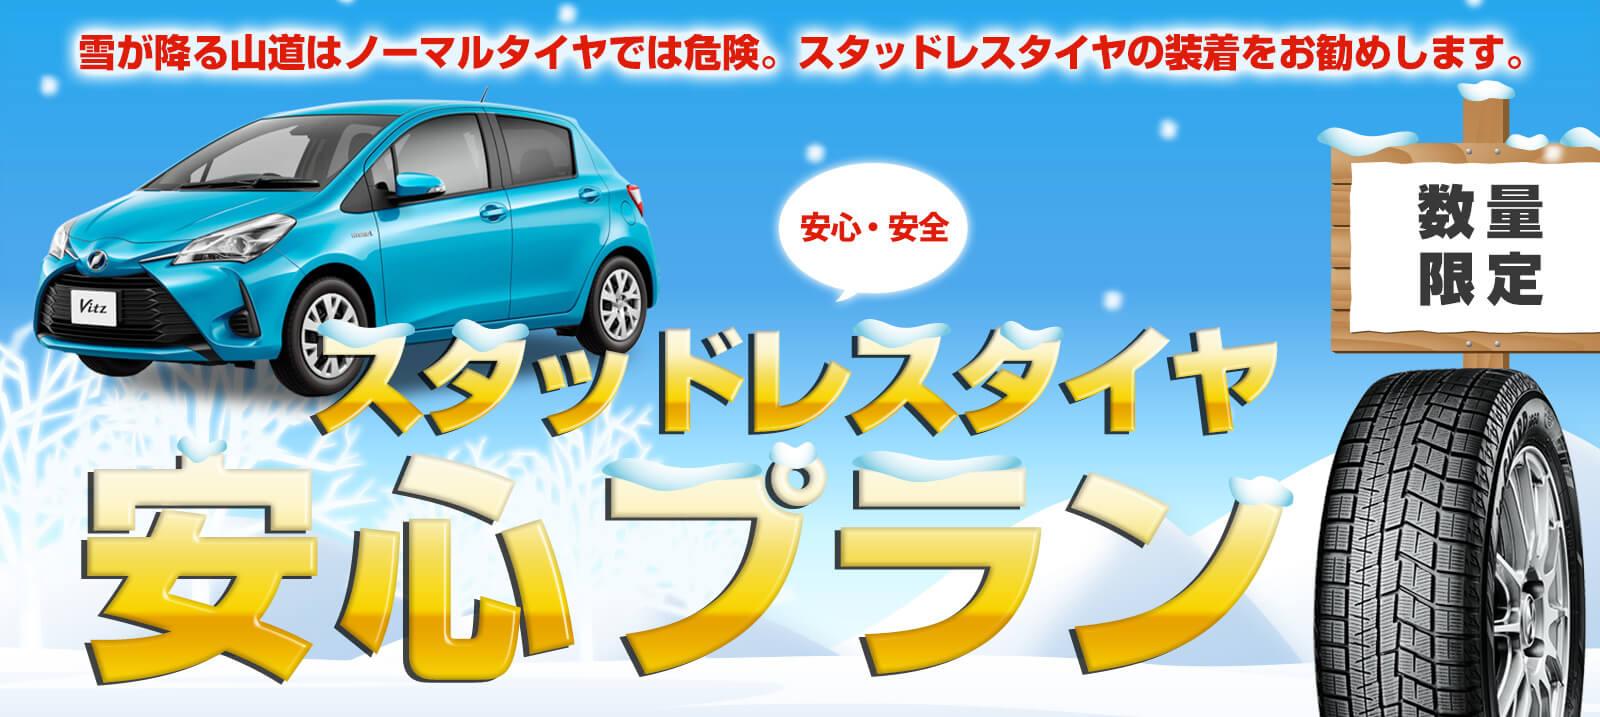 冬の雪道安心  スタッドレスタイヤde安心プラン